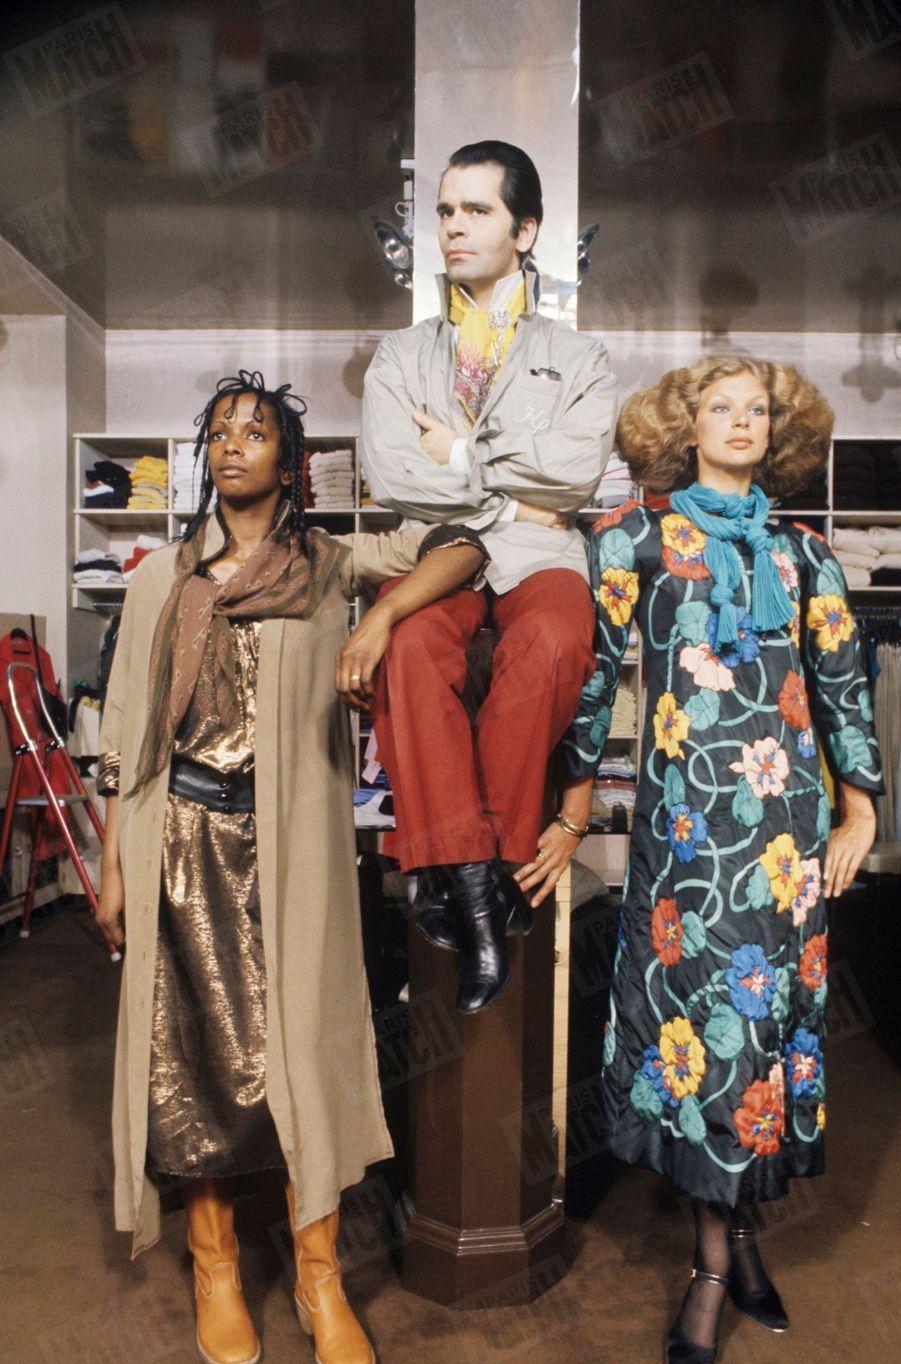 Karl Lagerfeld, styliste de Chloé, présente les modèles d'hiver en juillet 1976.